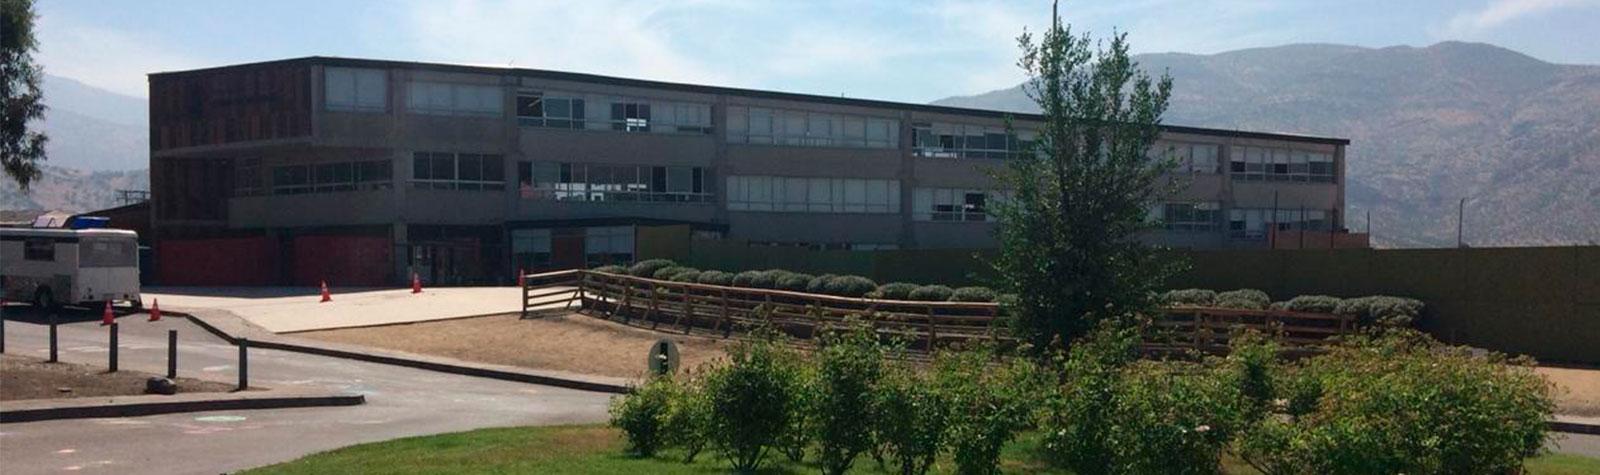 Colegio Cabo de Hornos: ¿Cómo se implementa la educación remota en tiempos de cuarentena?